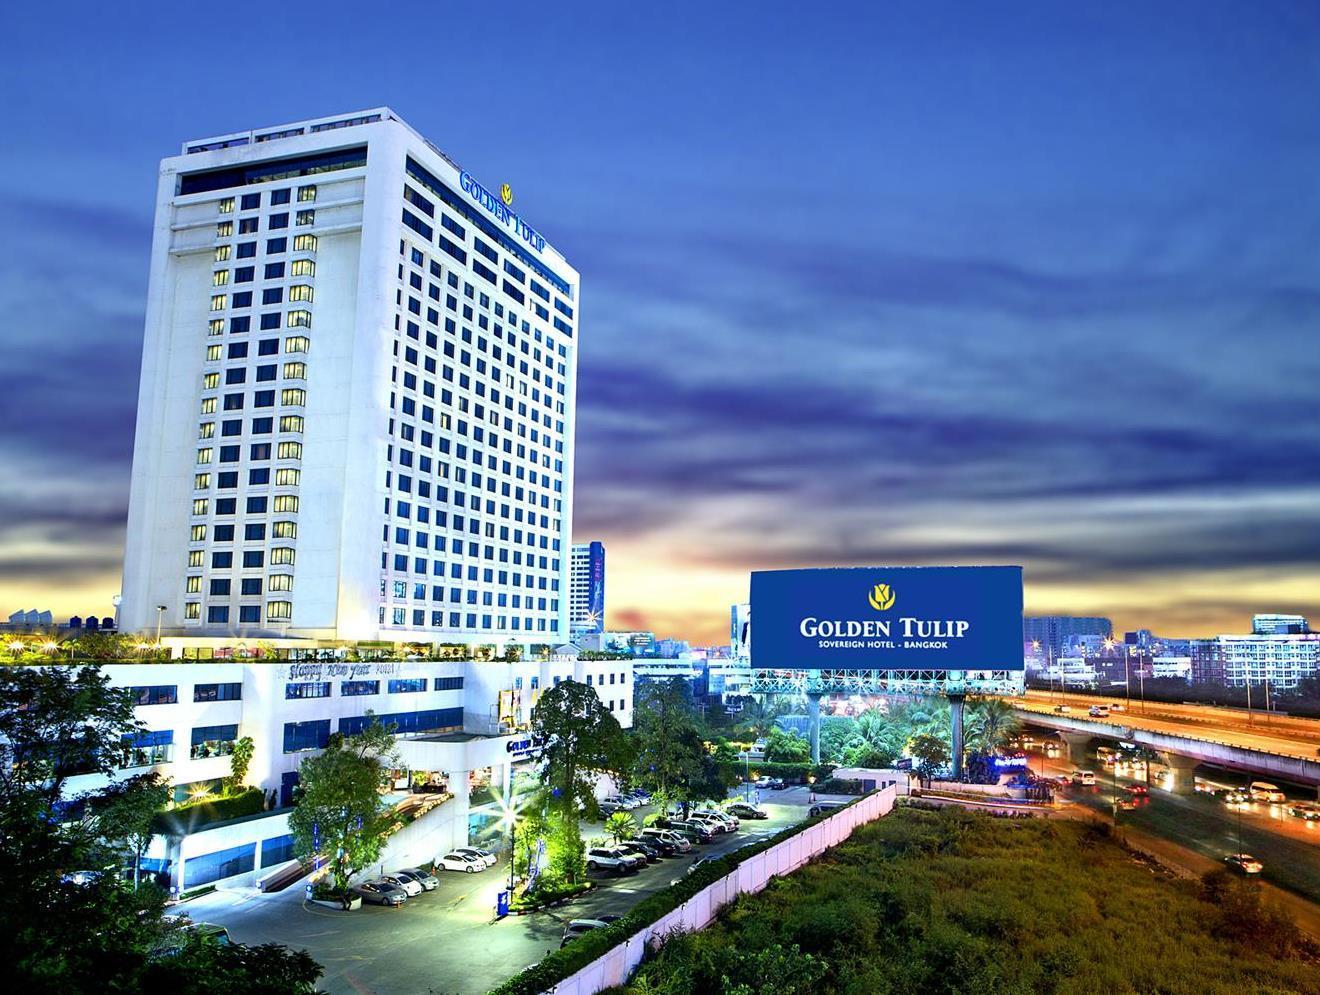 โรงแรมโกลเด้น ทิวลิป ซอฟเฟอรินจ์ กรุงเทพ